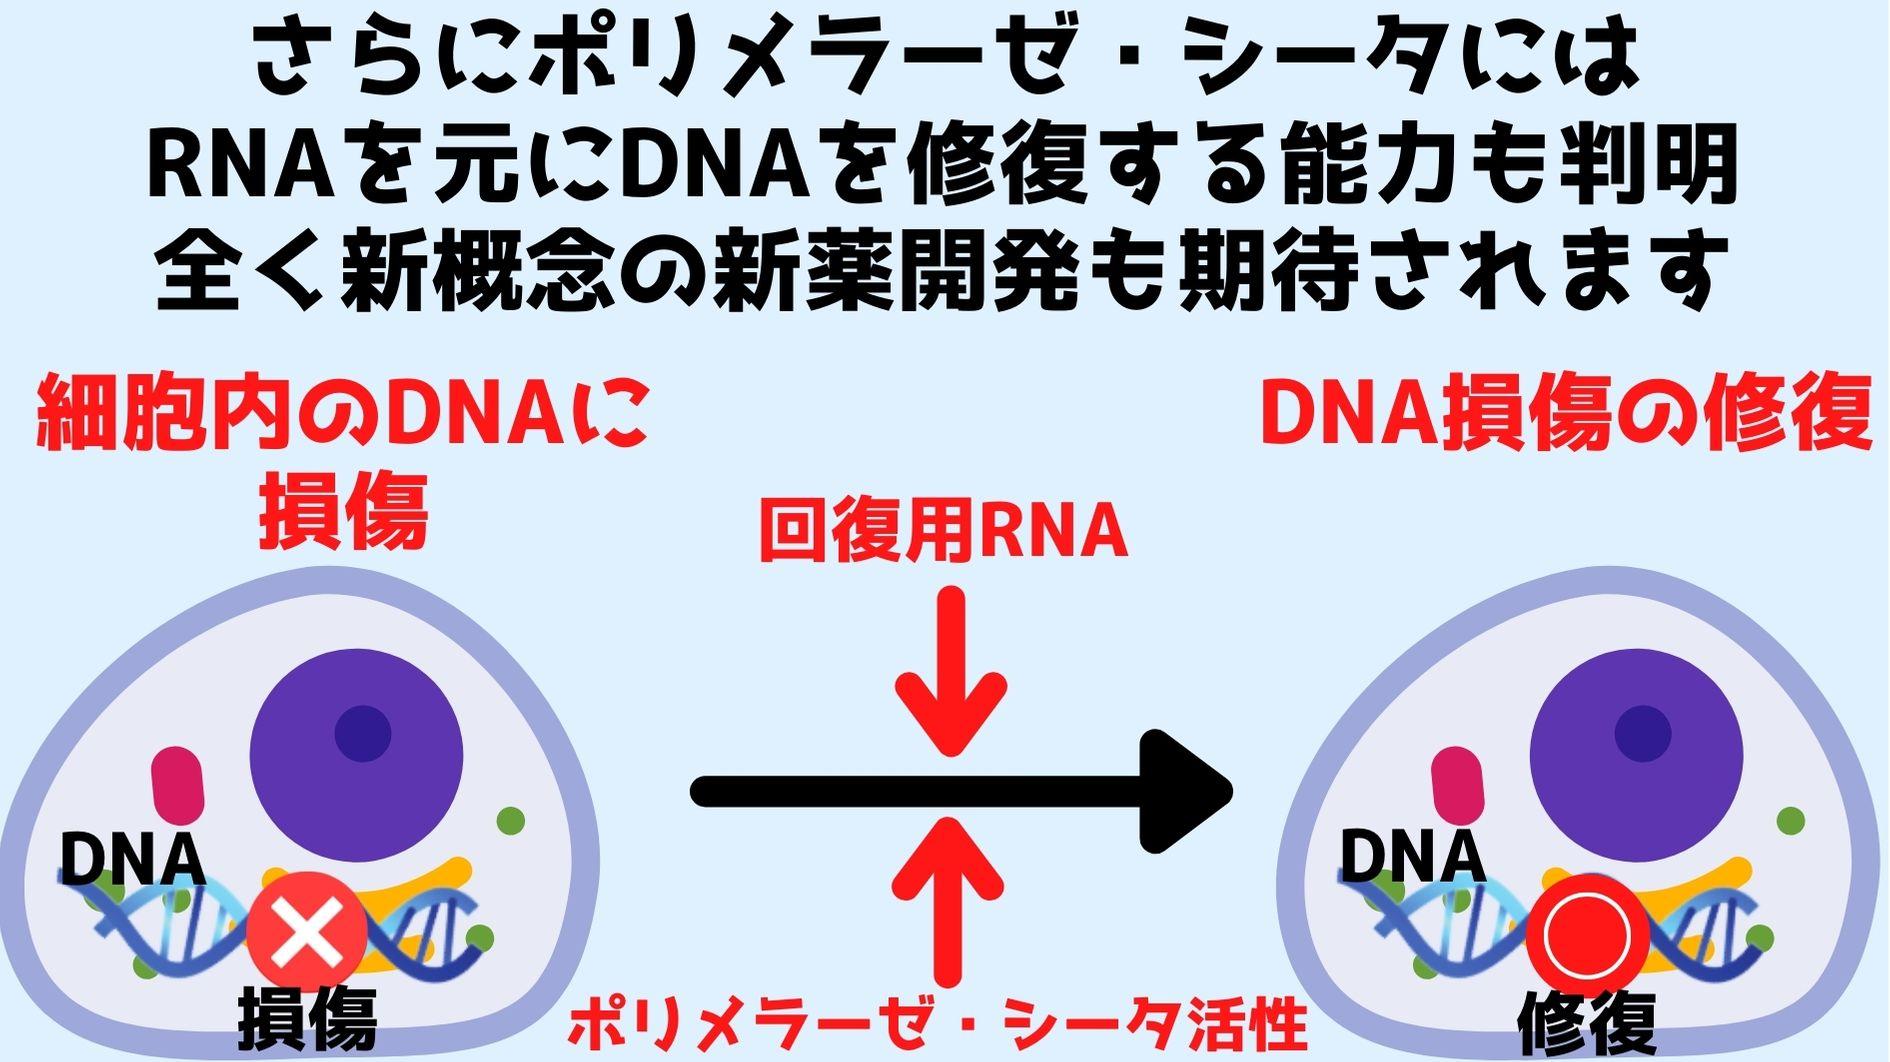 ポリメラーゼ・シータは人の細胞に含まれるDNAをRNA配列を元に修復できる。ただし核内ゲノムにかんしては未知である